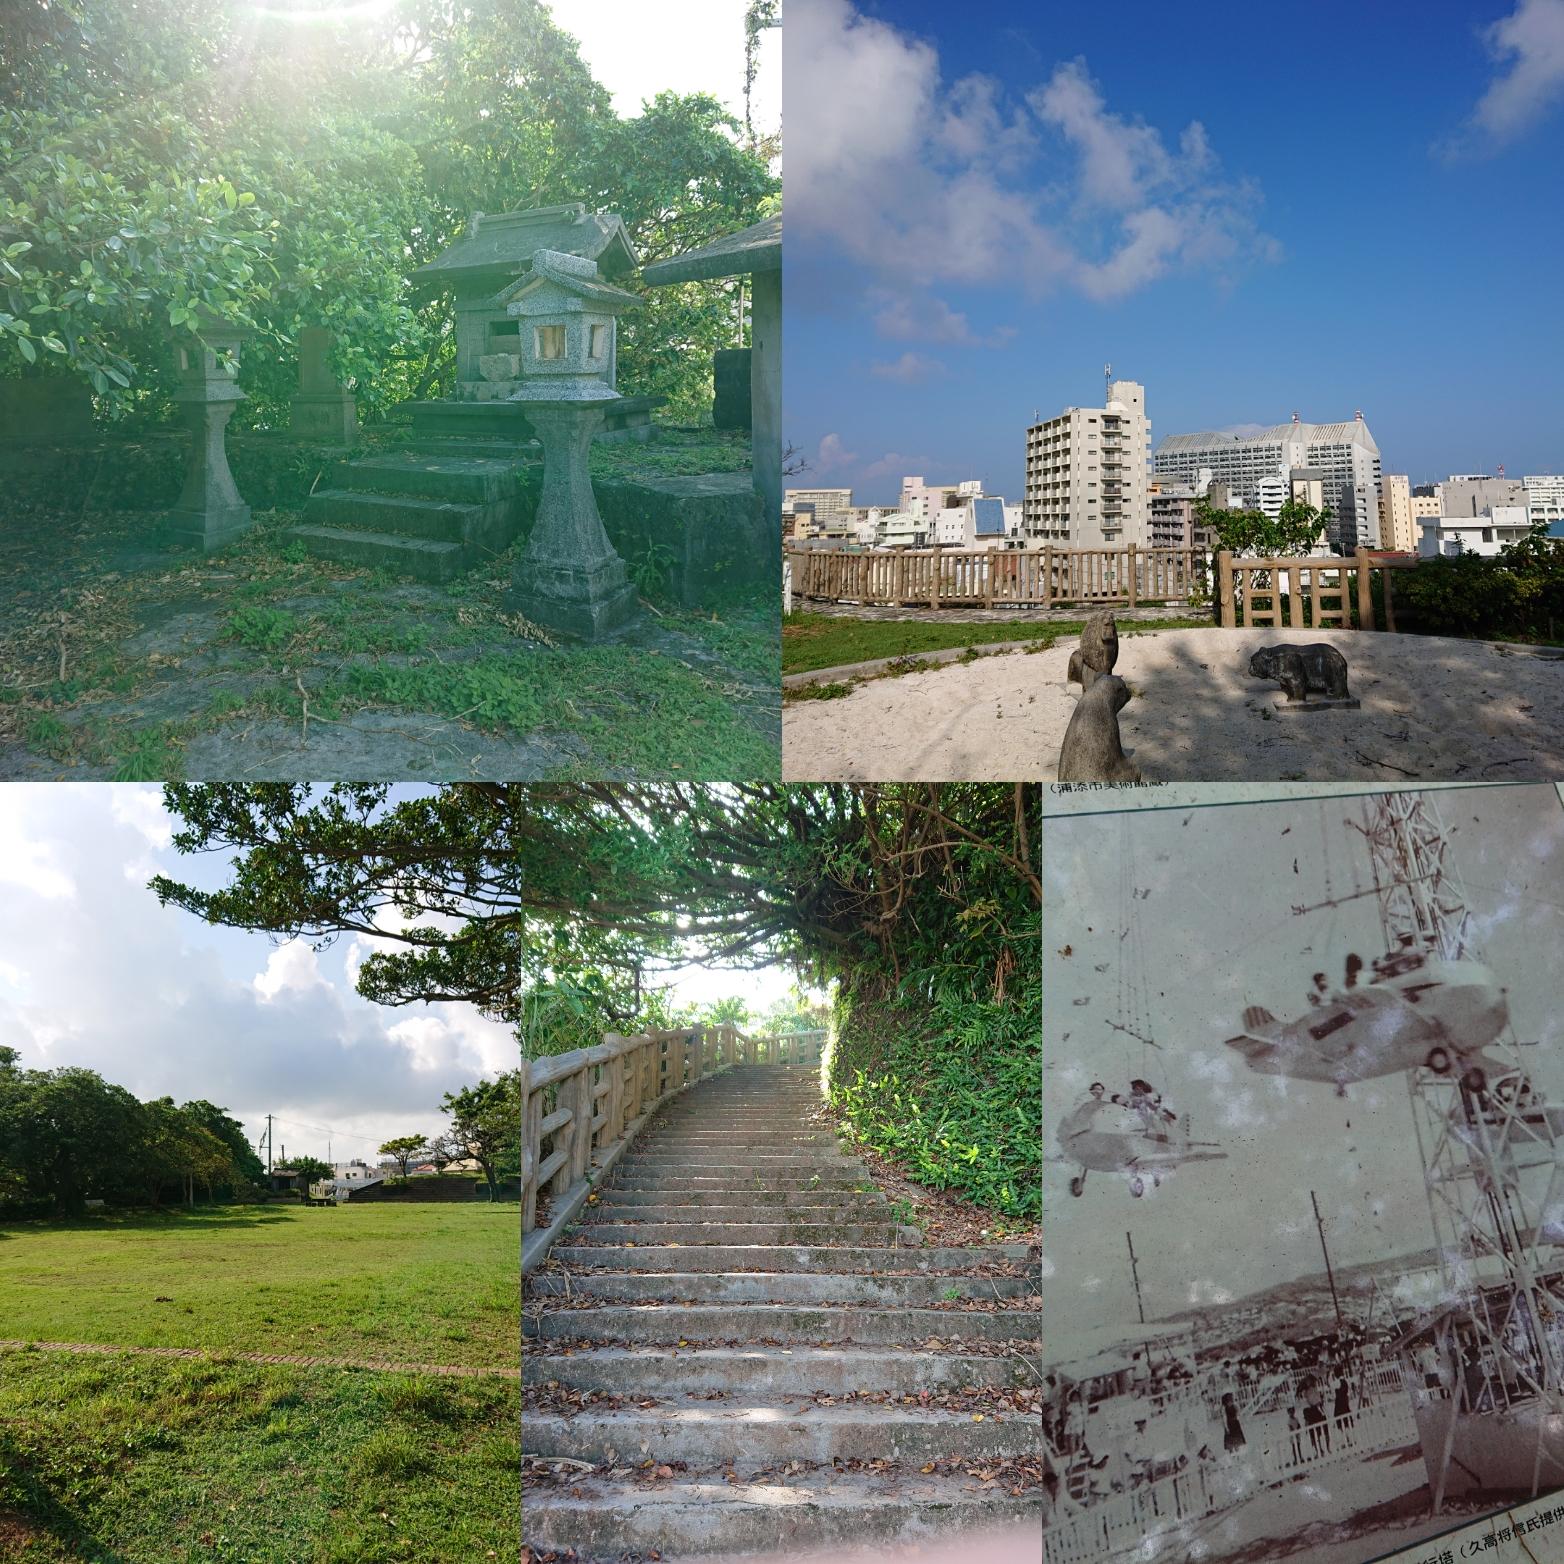 城嶽(ぐすくうたき)と城丘(じょうがく)公園